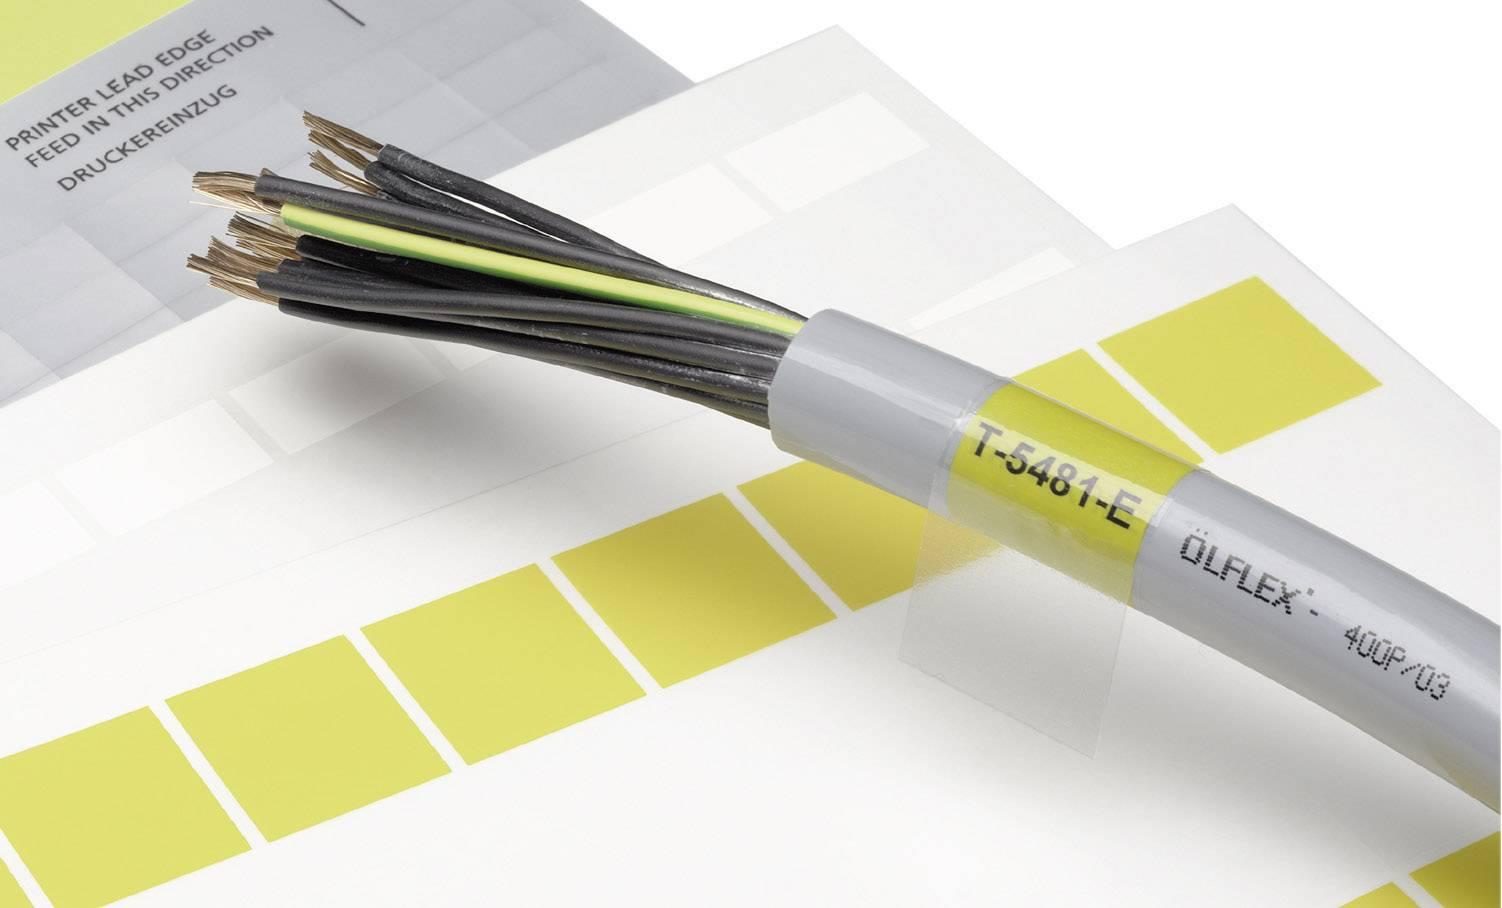 Etikety LappKabel LCK-48 YE (83256161), žlutá